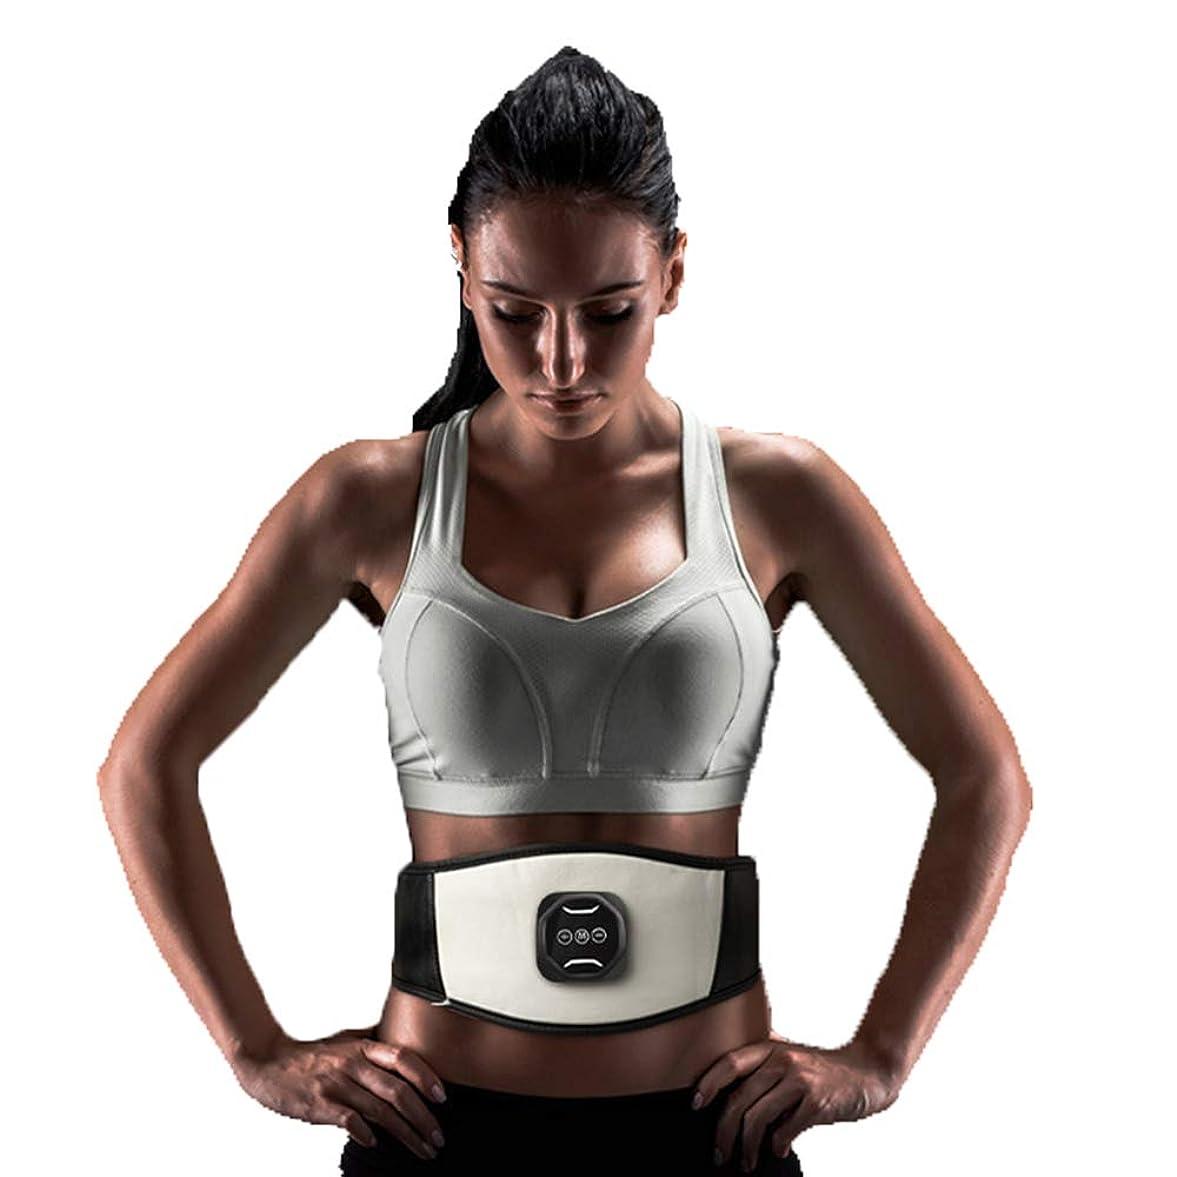 王女力スポーツの試合を担当している人スマートワイヤレス腹筋ペーストEMS筋肉刺激装置薄い腹部腹部マシンUSB電気ベルト腹部機器全身体重減少運動フィットネス機器ユニセックス